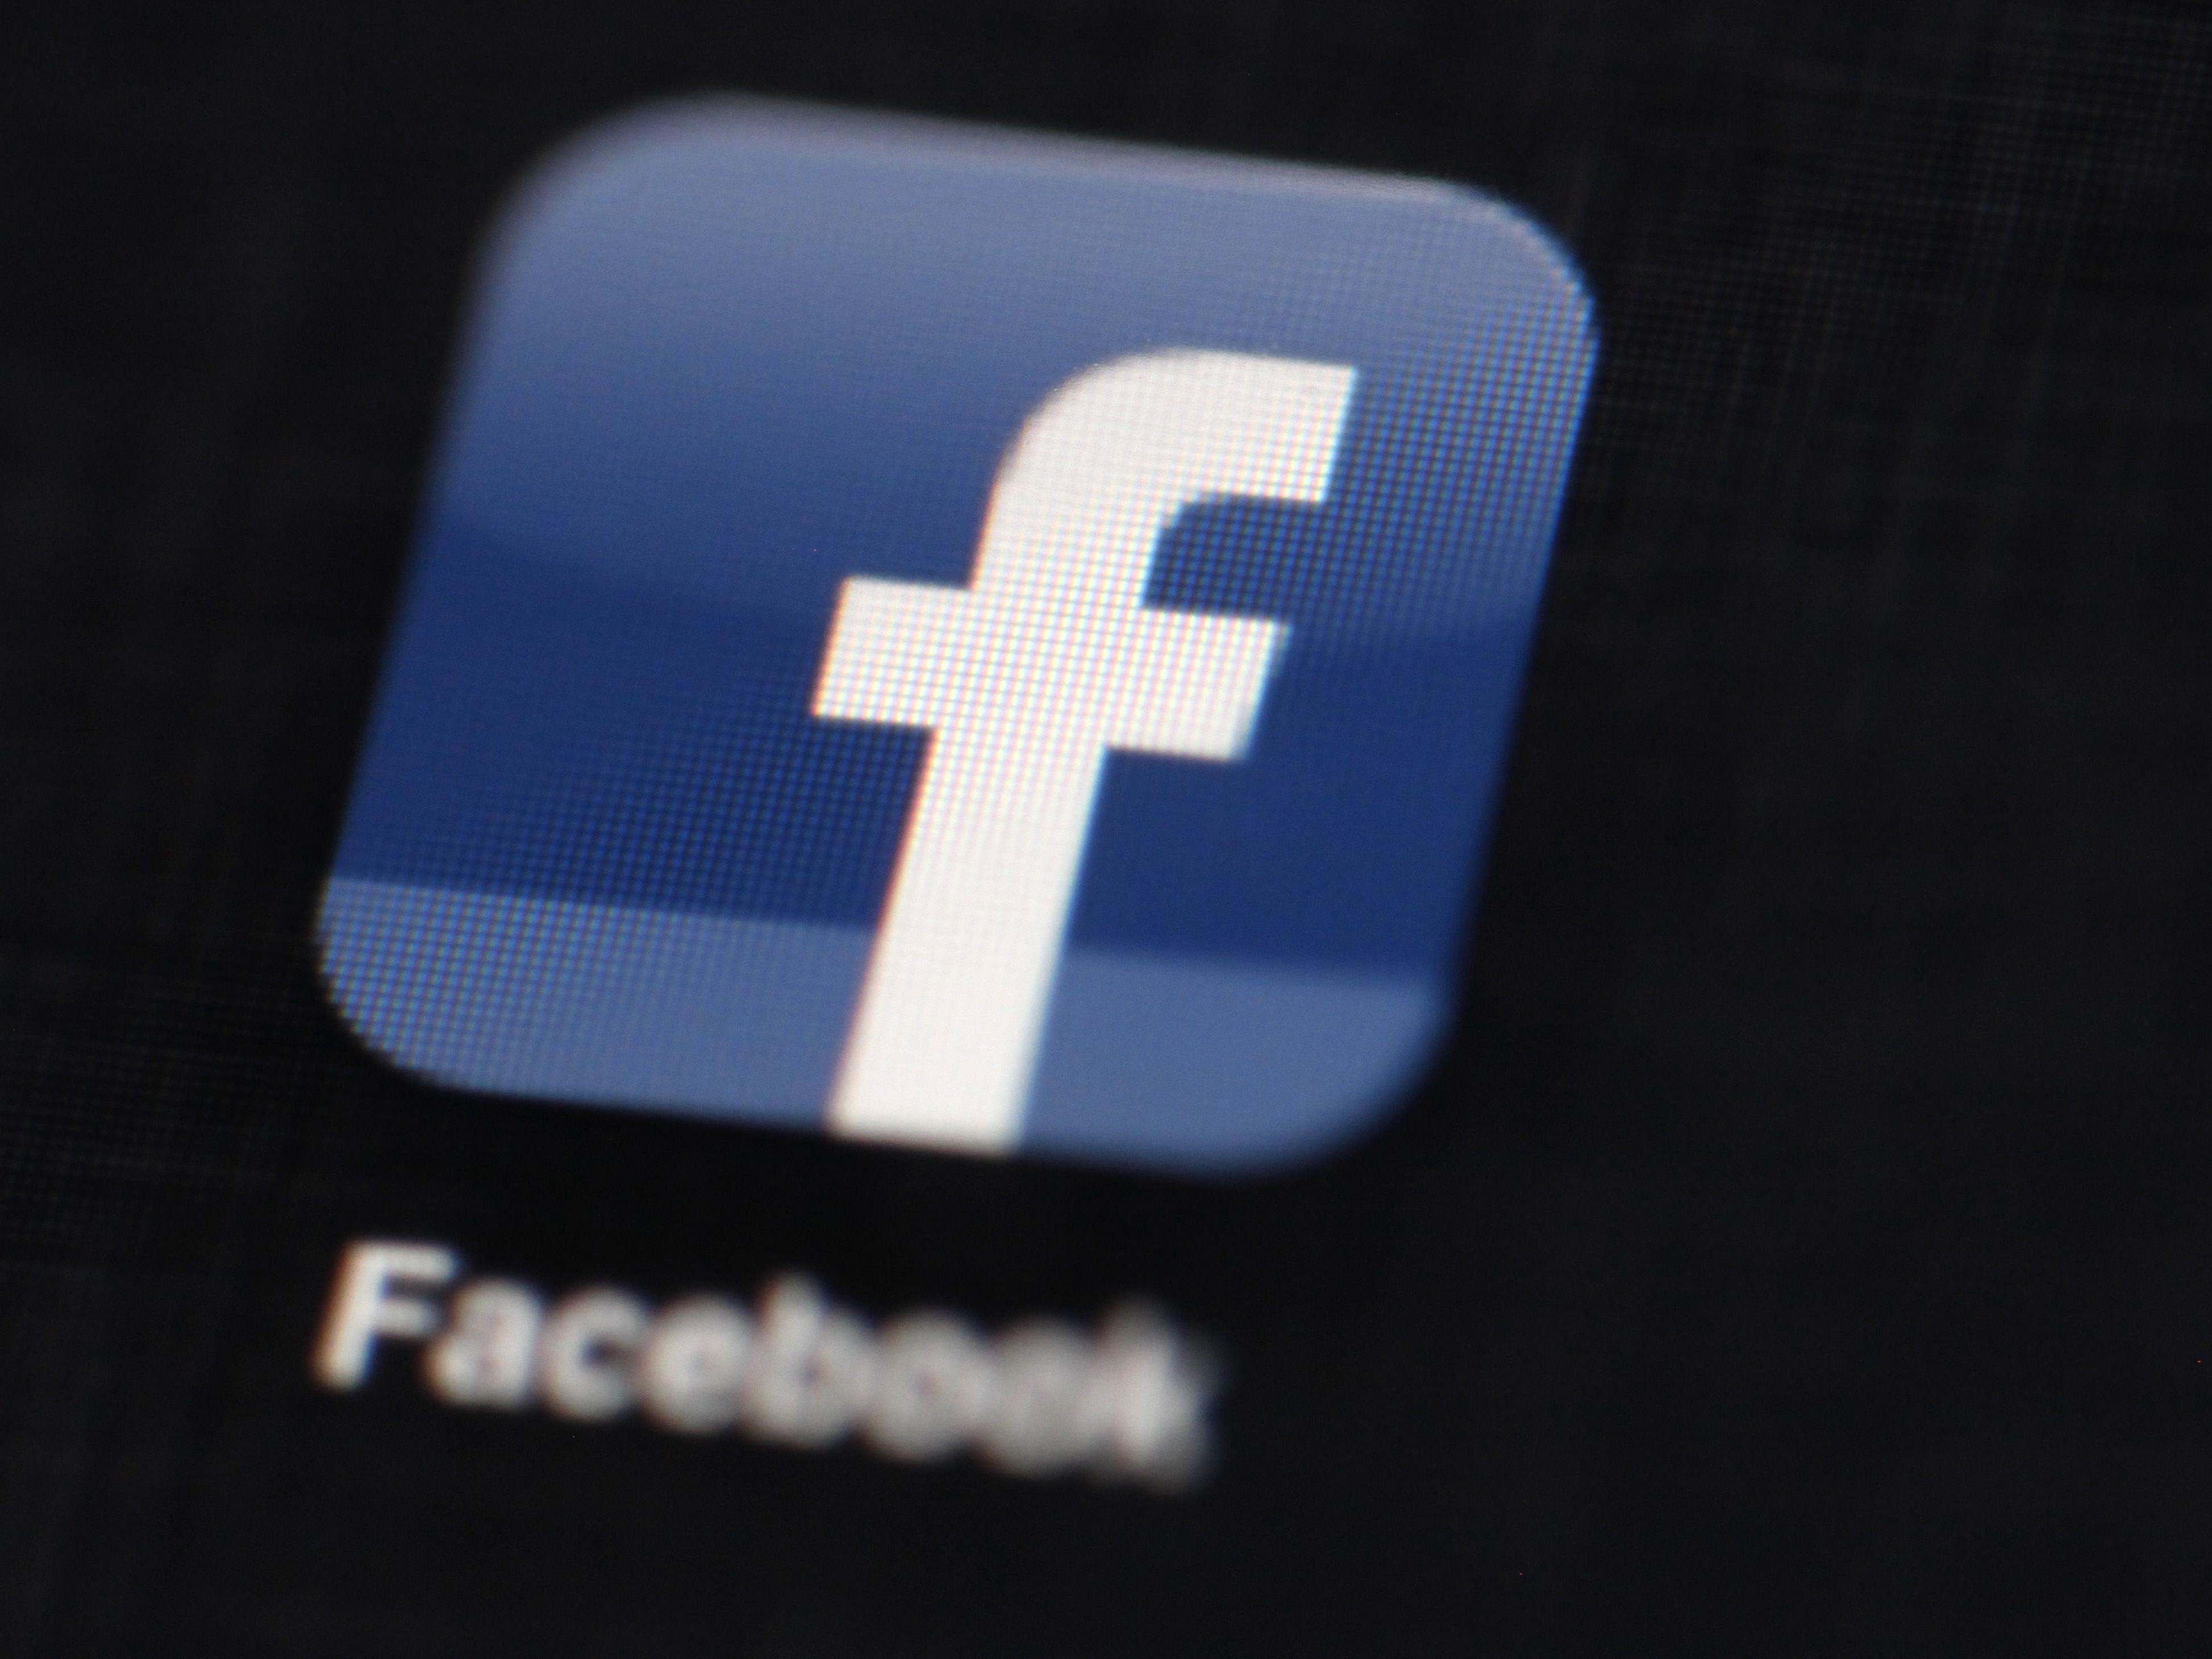 Technische Panne bei Facebook - die Aktie sinkt weiter.